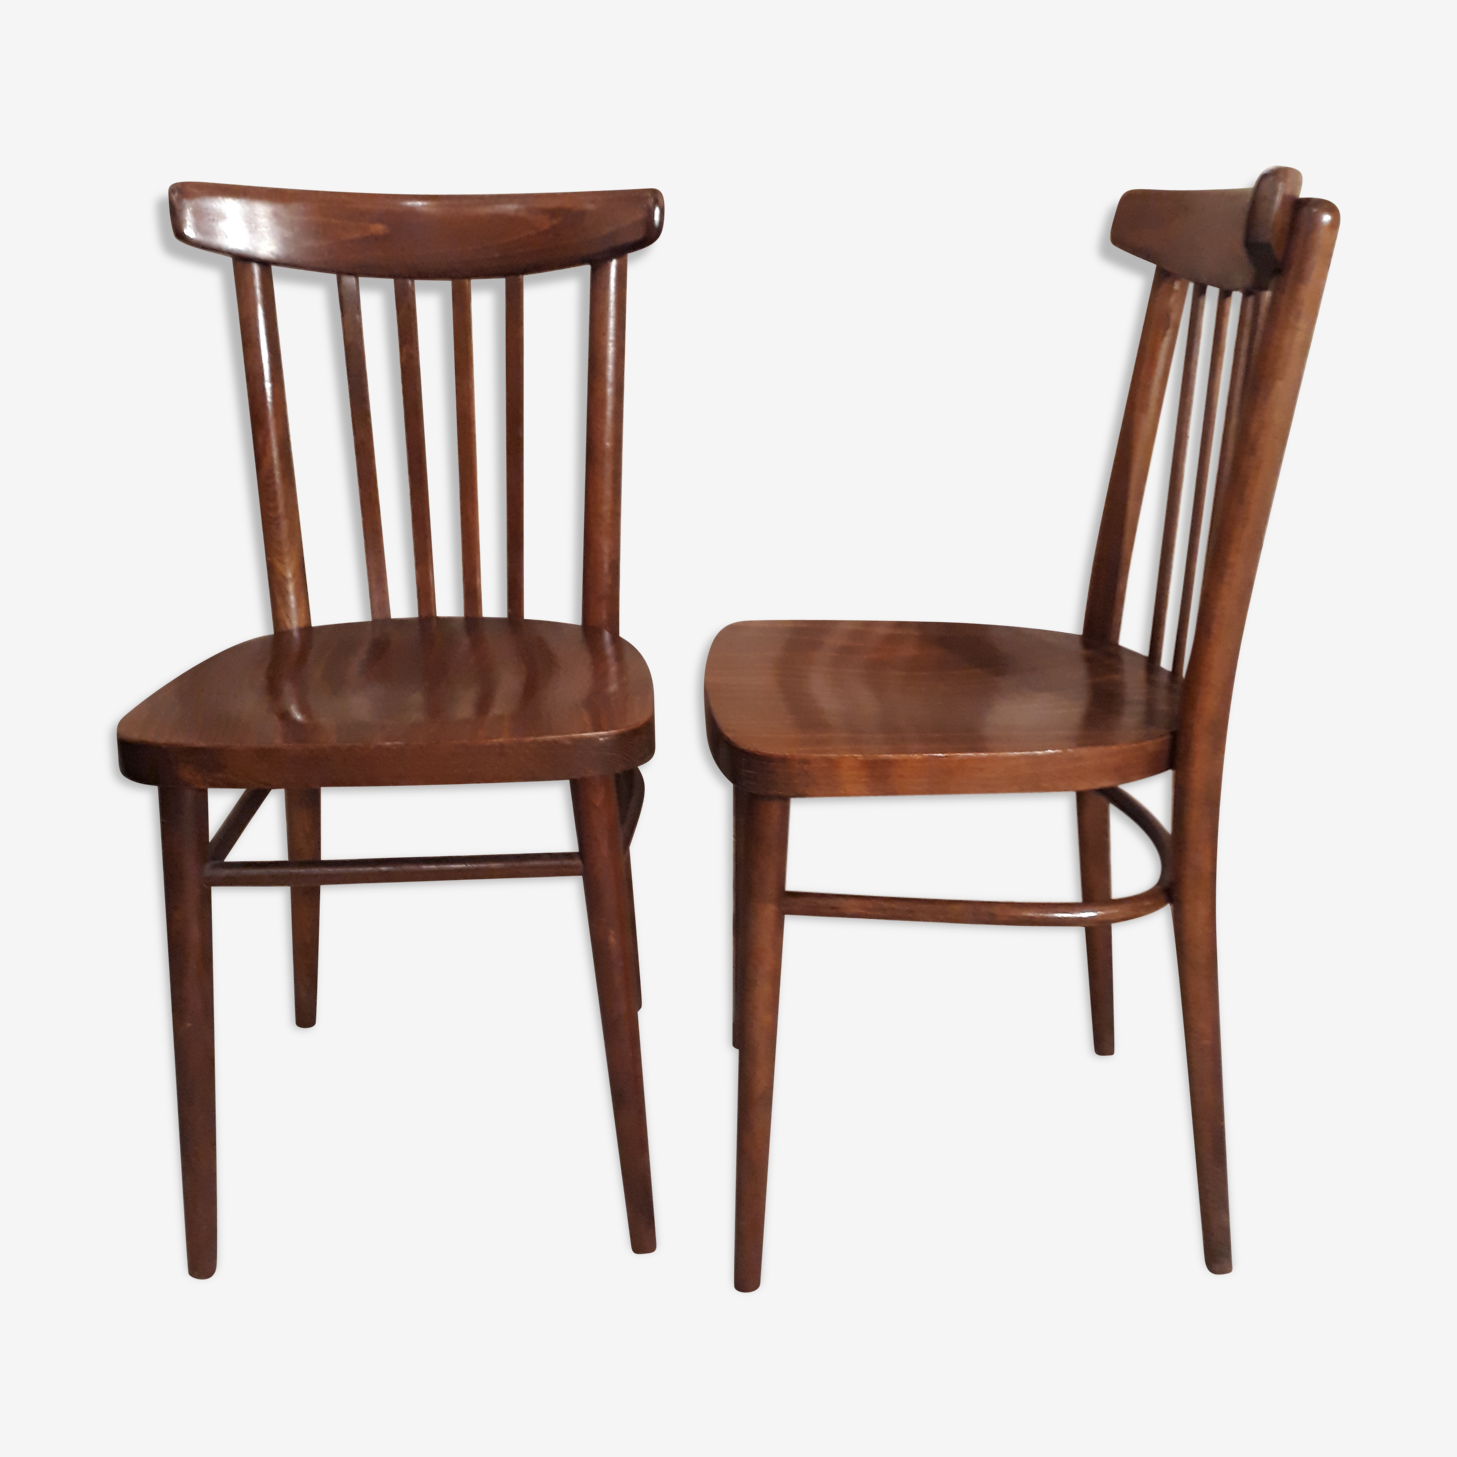 """Paire de chaises """"bistrot"""" style scandinave moderniste fabrication tchécoslovaquie"""